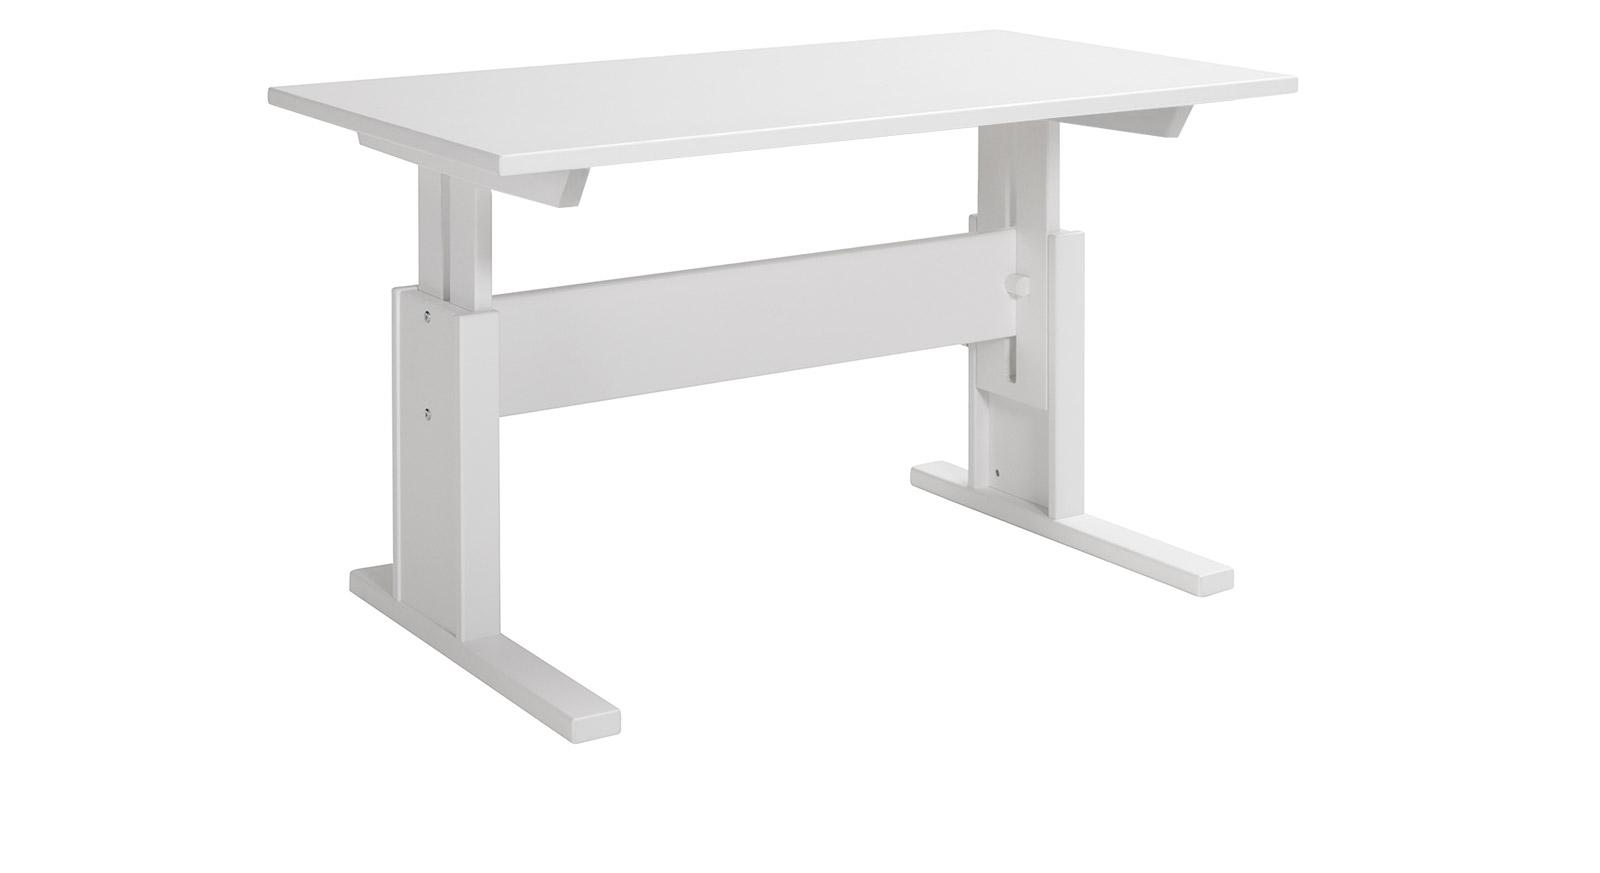 Weiß lackierter Schreibtisch 120cm breit